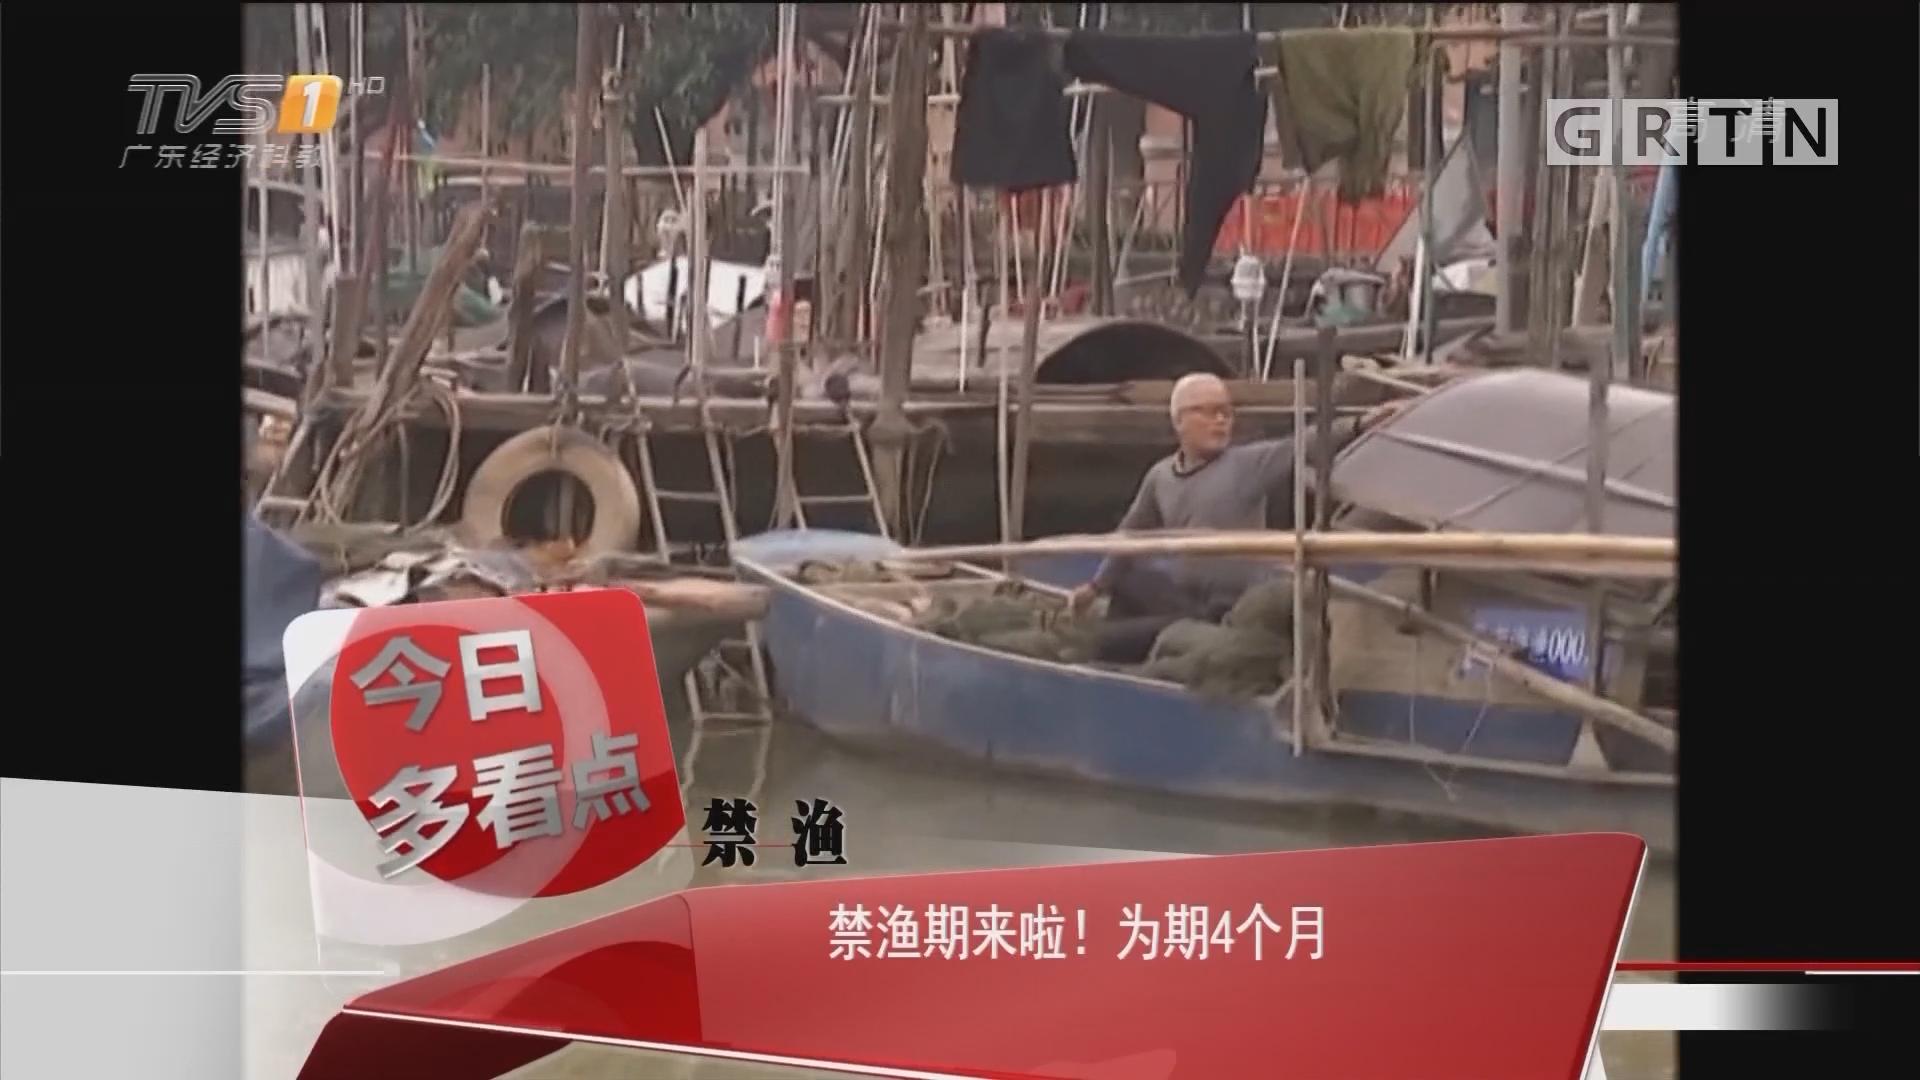 禁渔:禁渔期来啦!为期4个月